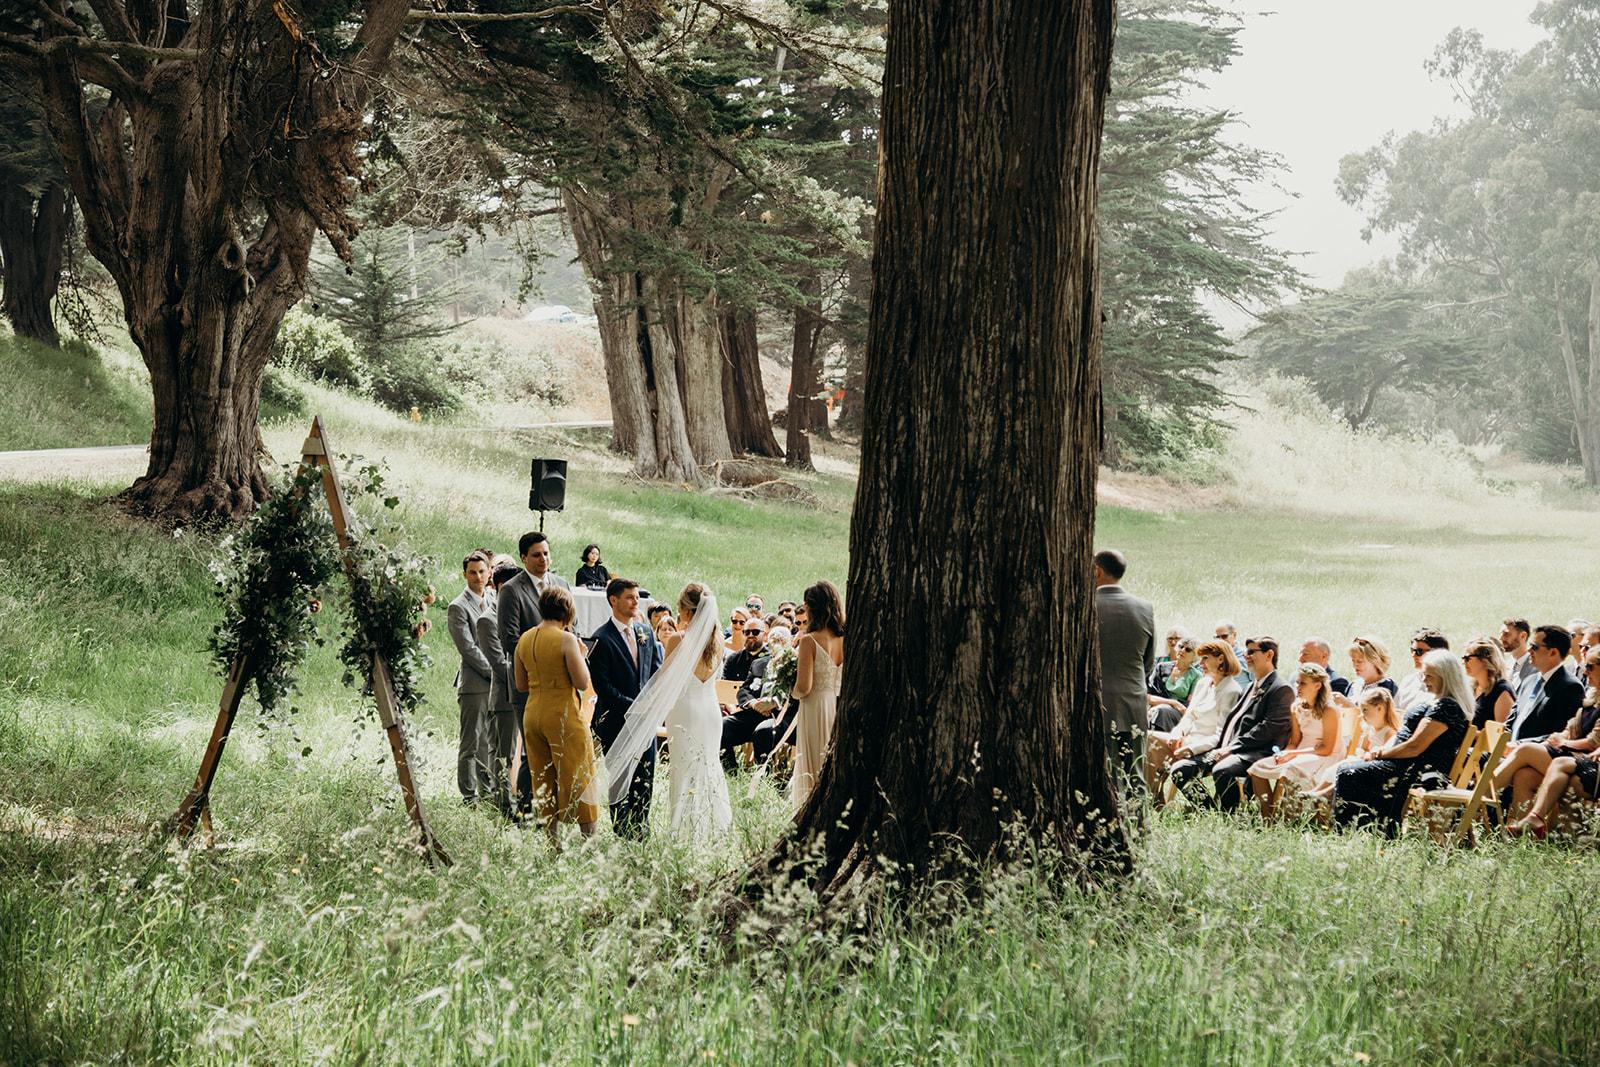 Whitney-Lauren-Headlands-Center-for-The-Arts-Wedding-690.jpg